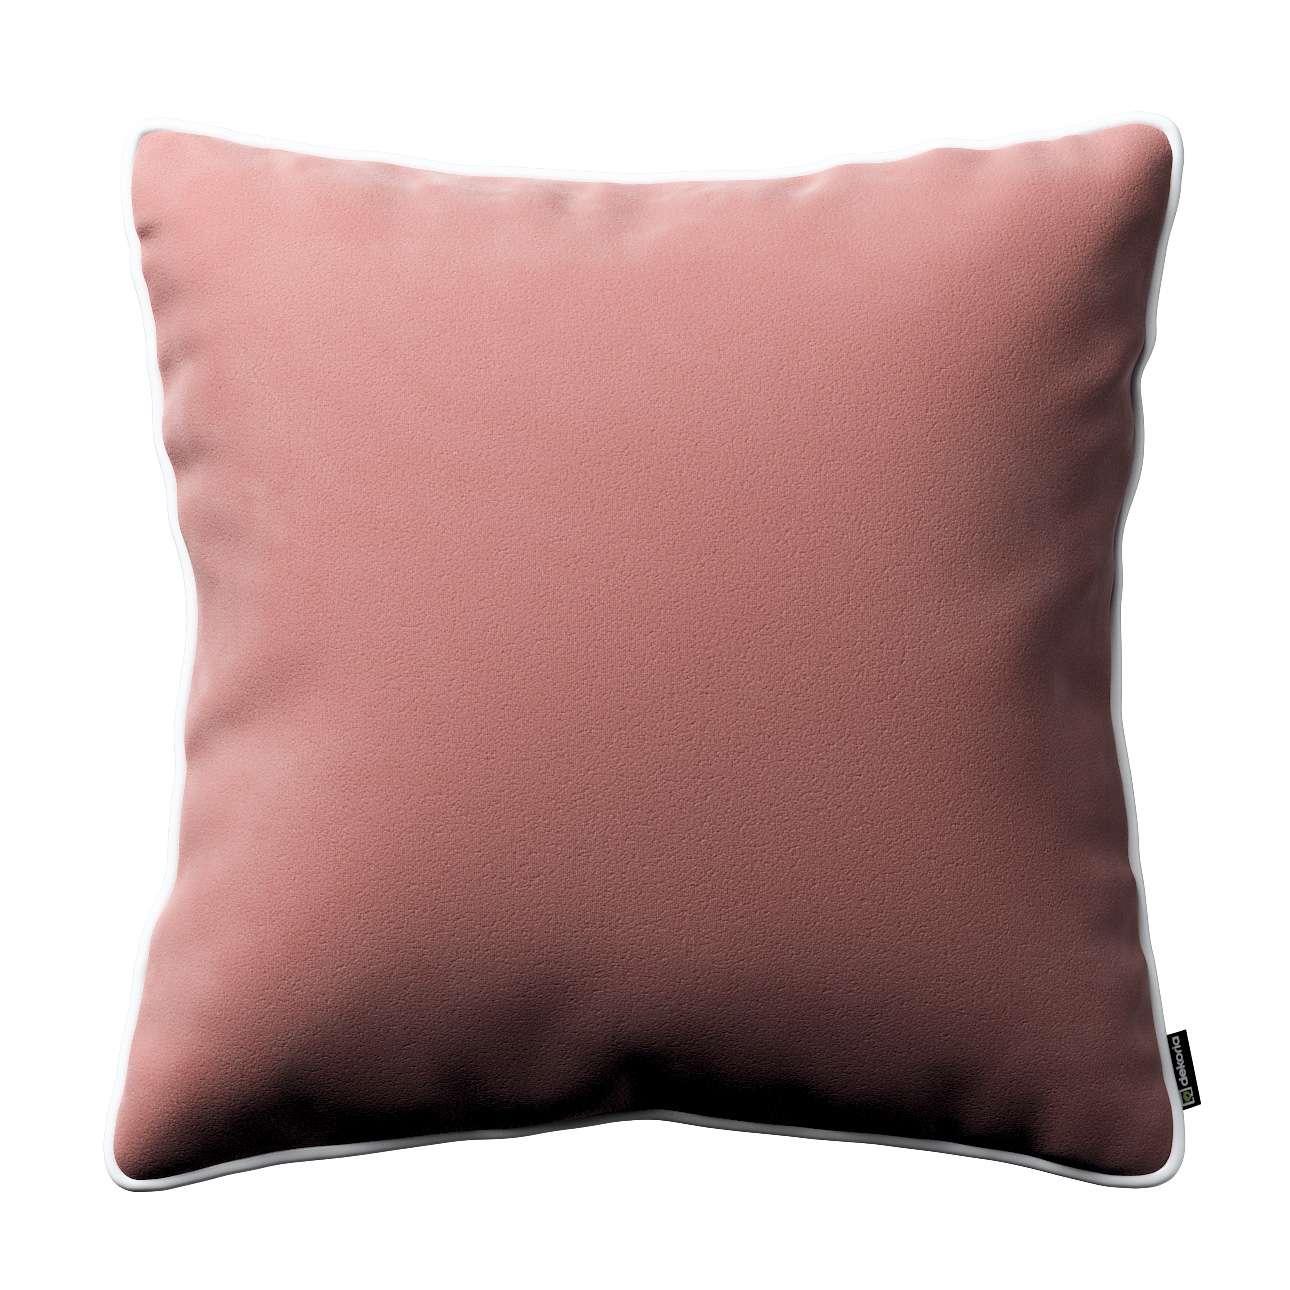 Poszewka Laura na poduszkę w kolekcji Velvet, tkanina: 704-30